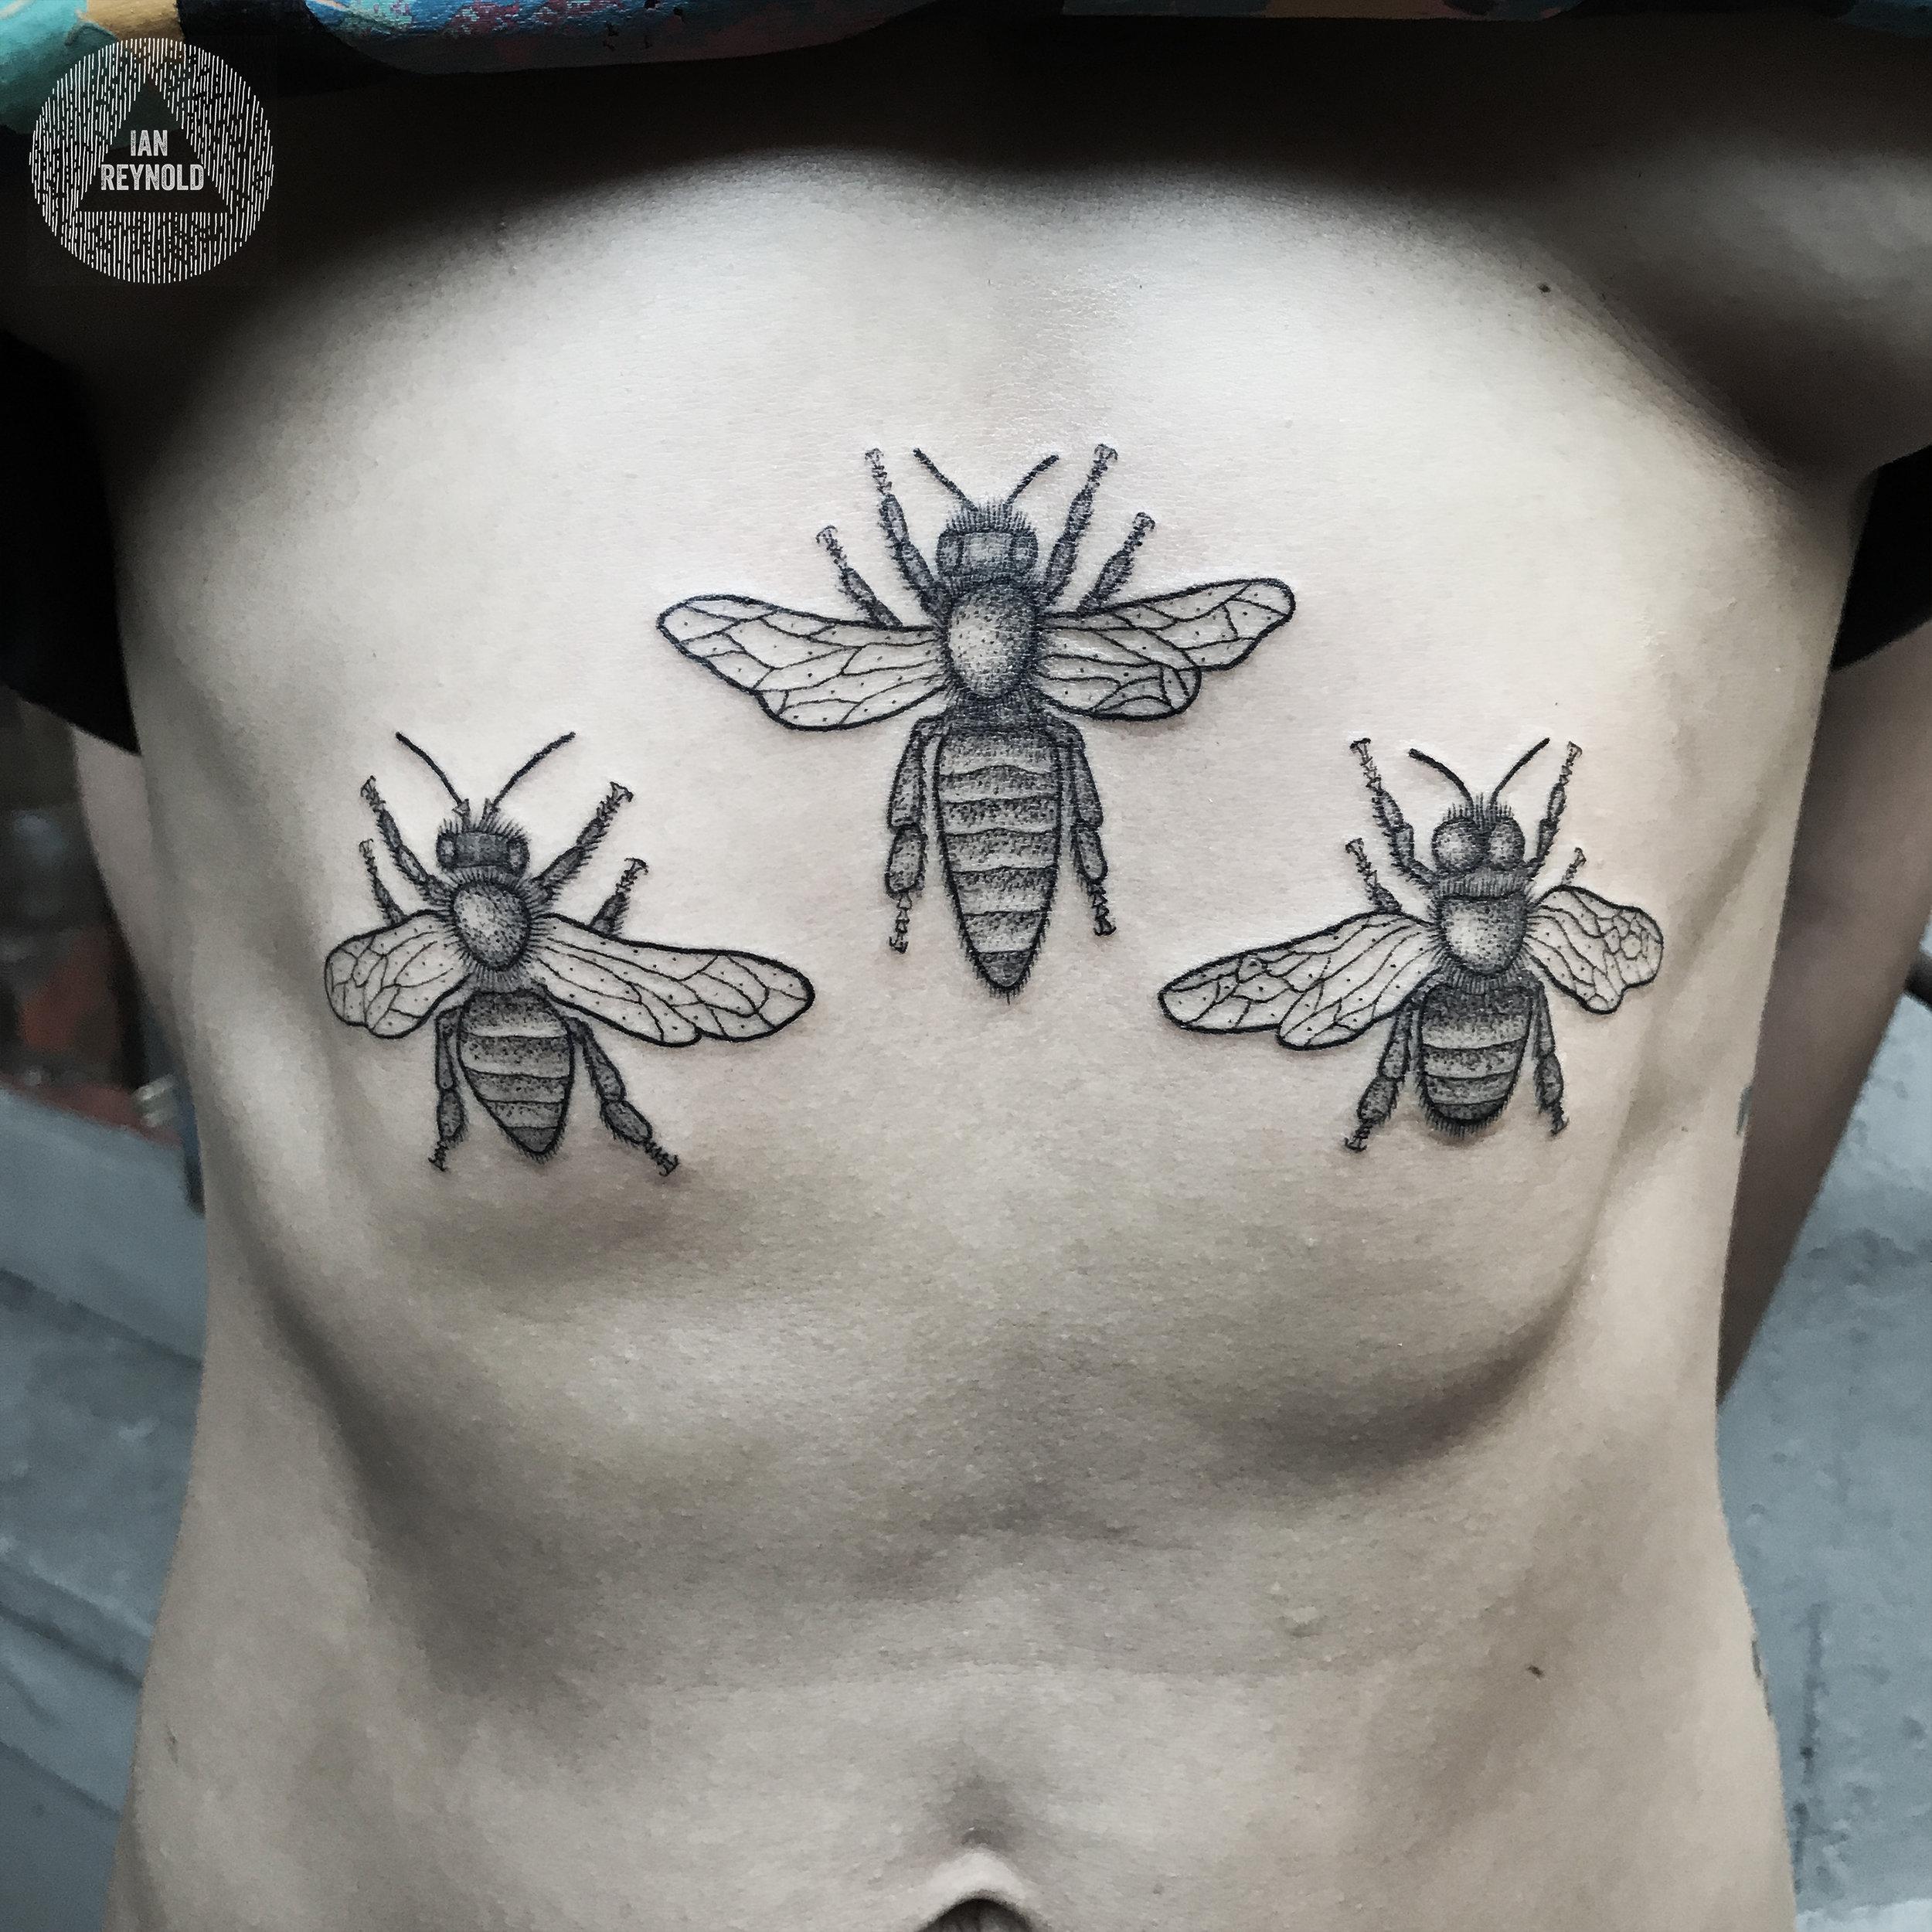 Worker Bee - Queen Bee - Drone Bee